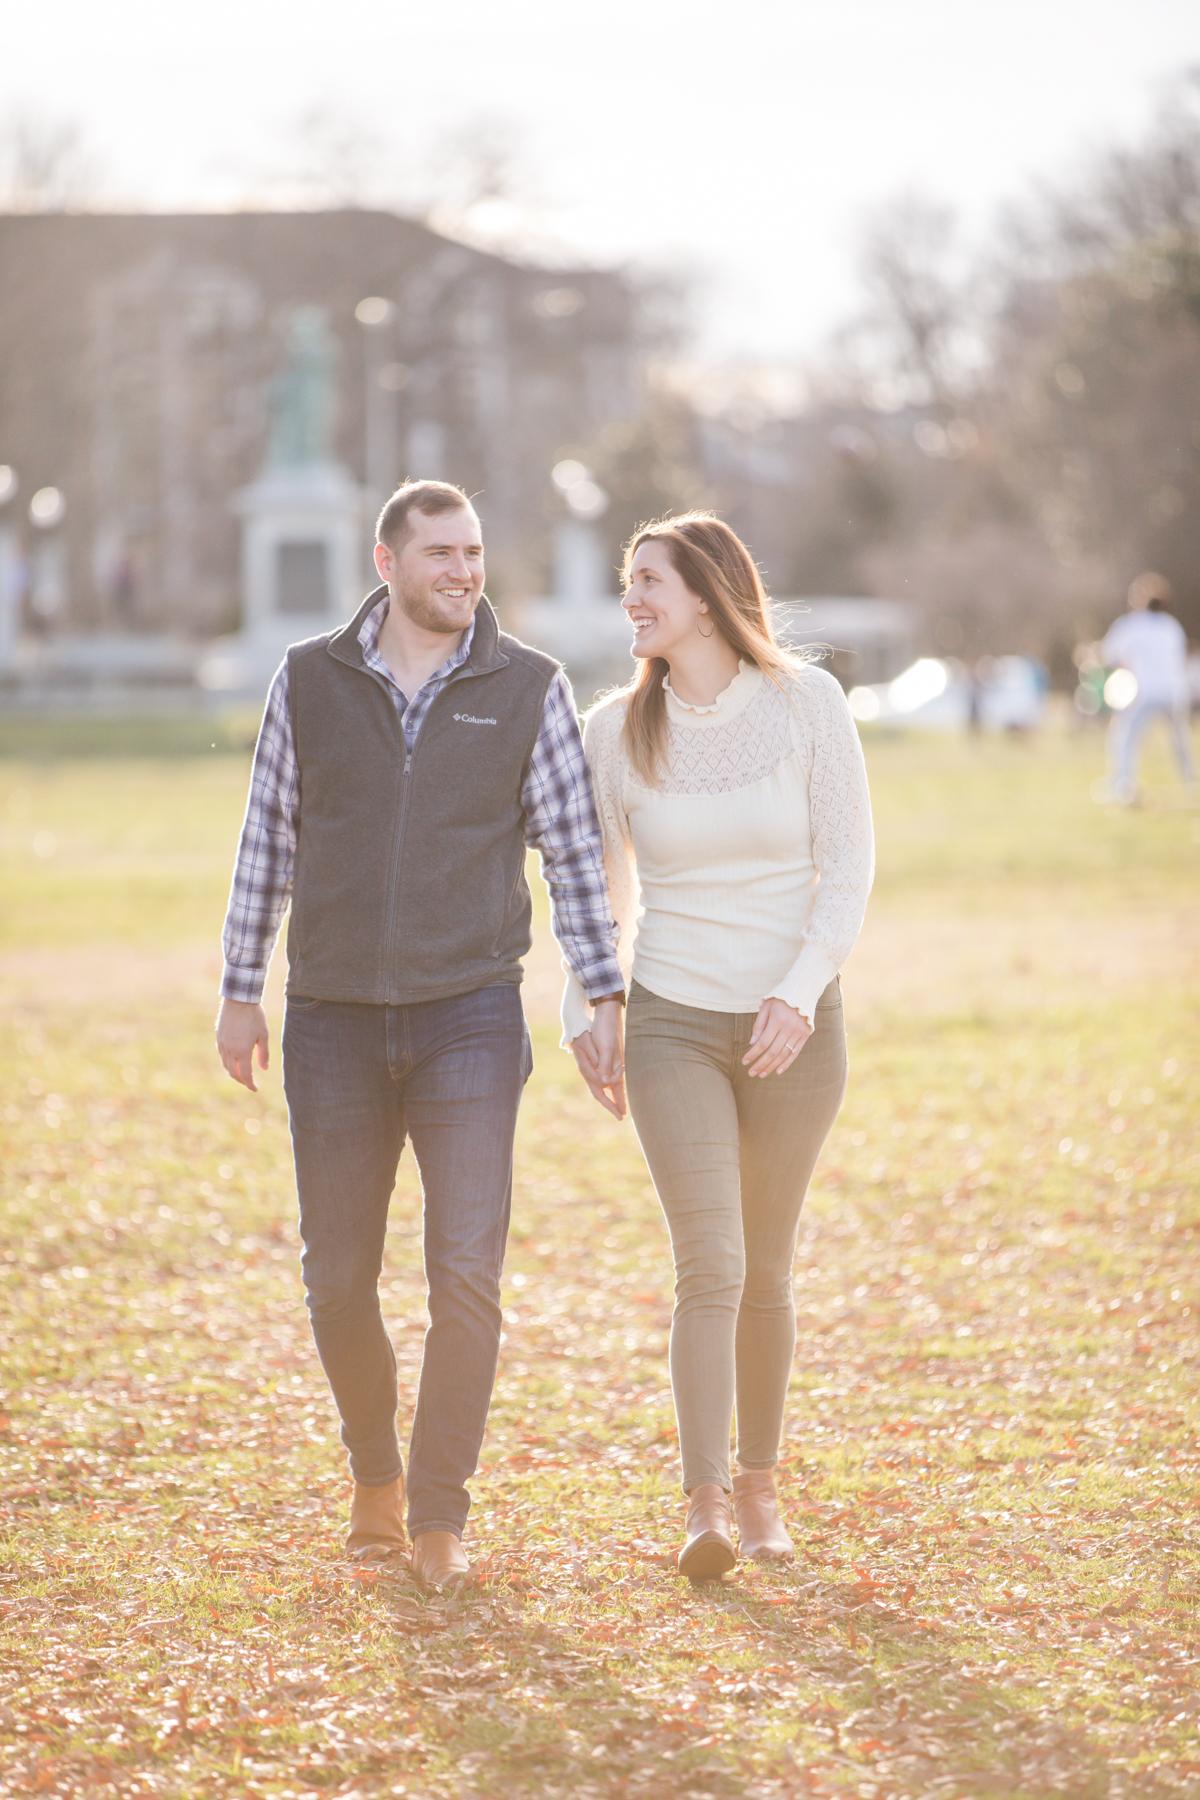 Lauren-and-Grant-Engagement-Centennial-Park-Nashville-Sneak-Peak-0035.jpg